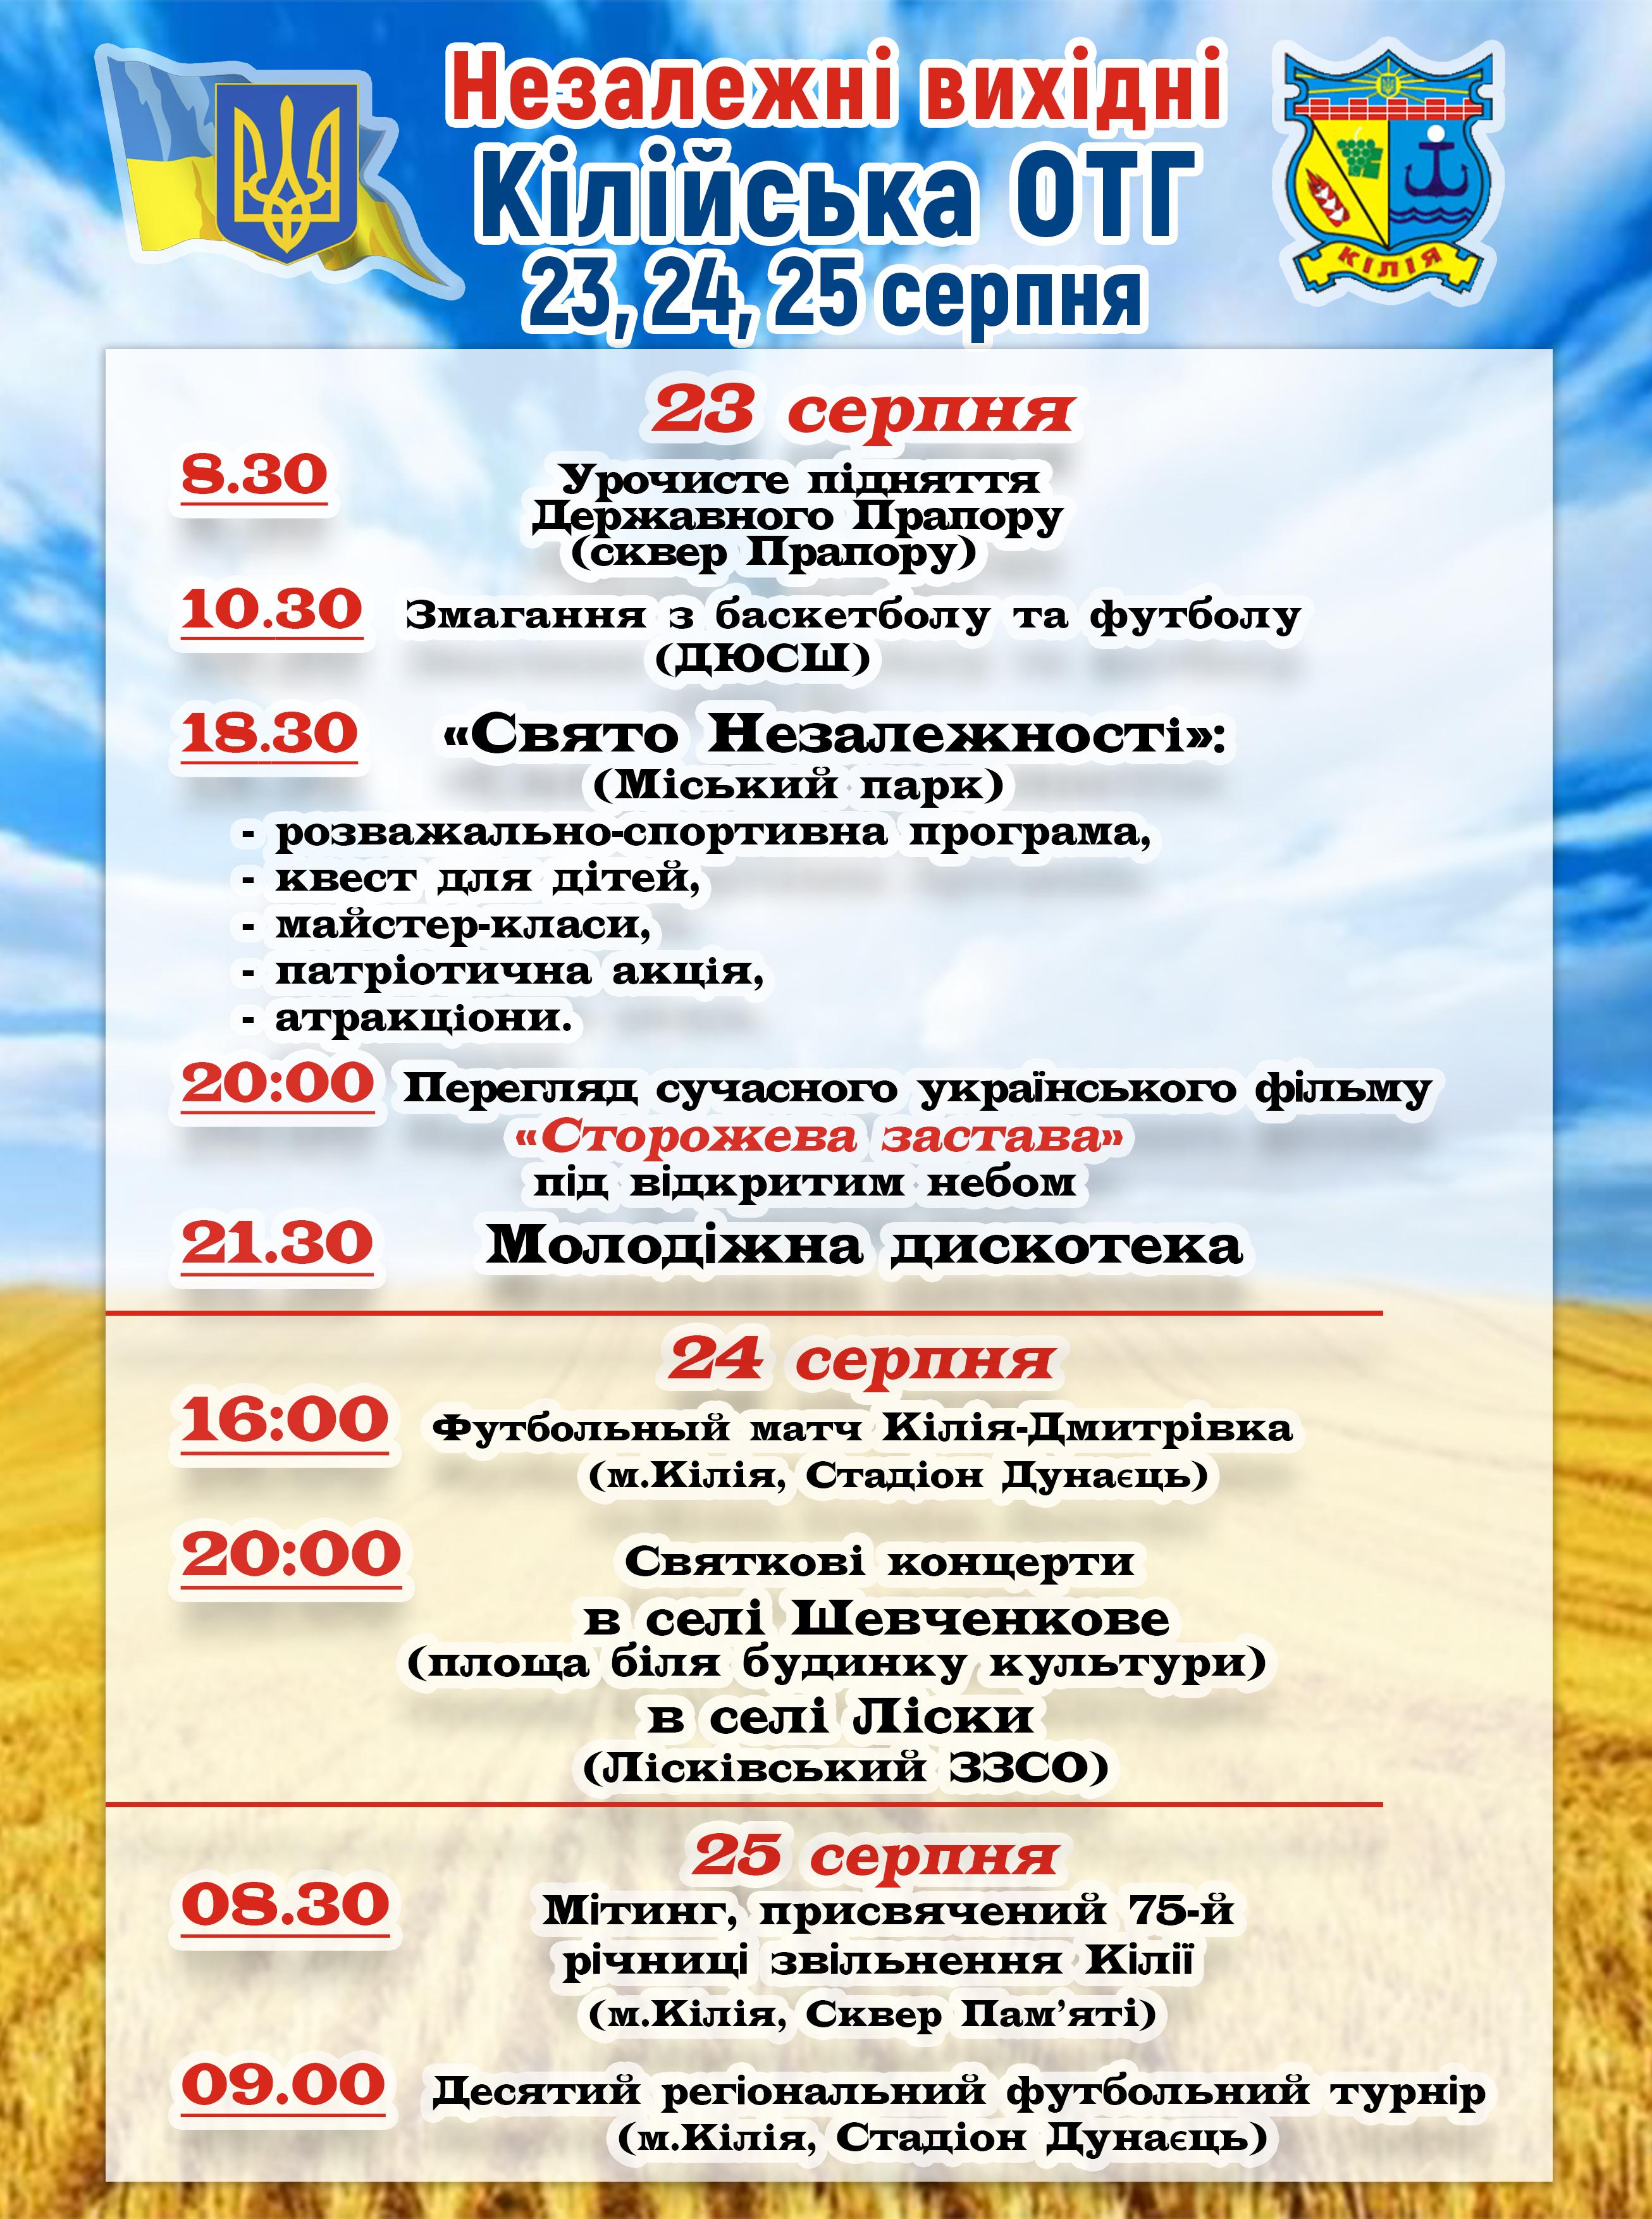 """Килийская ОТГ поделилась анонсом празднования """"Незалежних вихідних"""""""